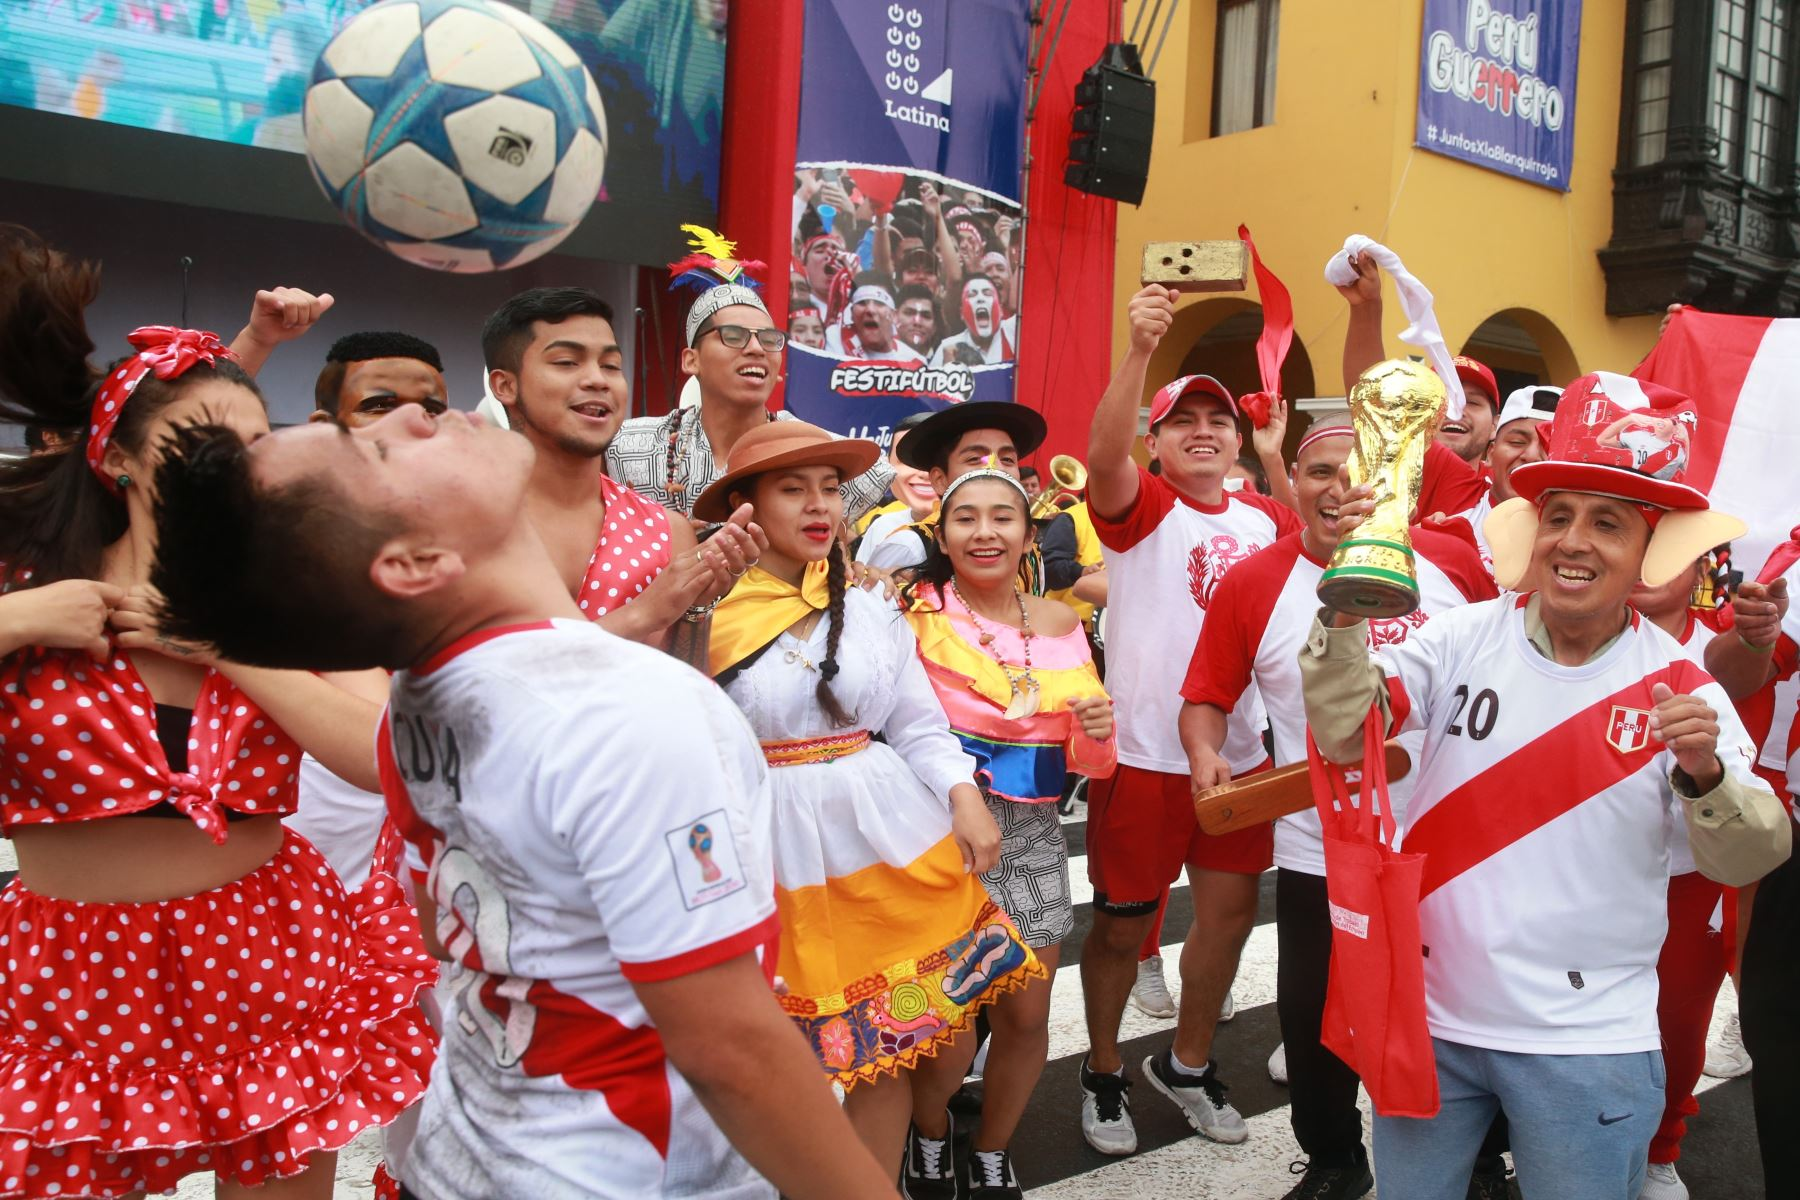 Aficionados esperan el inicio inaugural del mundial Rusia 2018 en la plaza mayor de Lima.   Foto: ANDINA/Vidal Tarqui